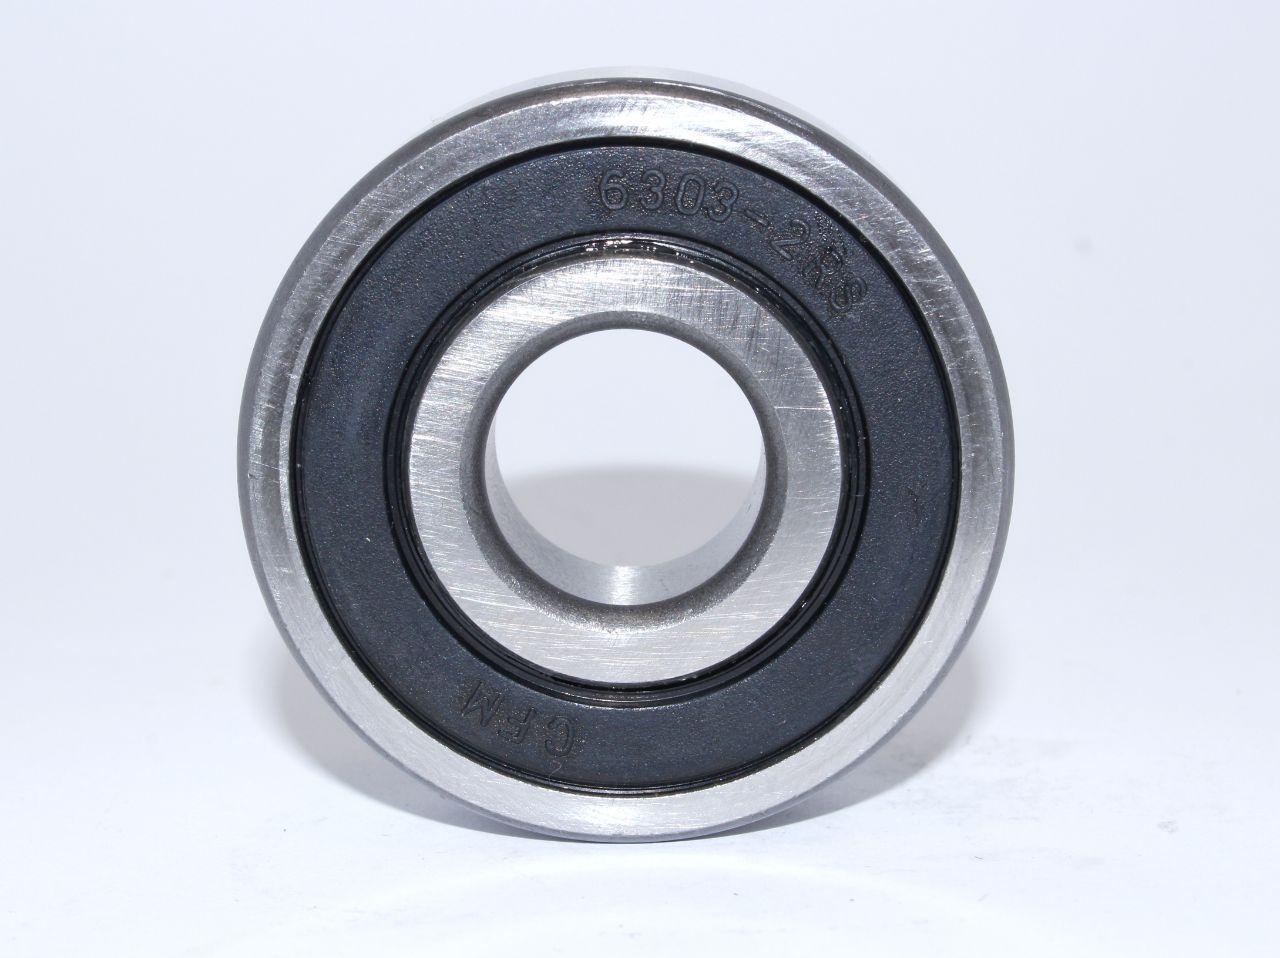 Підшипник 6002 2RS (ГОСТ: 180102) CFM (Китай), 15х32х9 мм, кульковий радіальний однорядний